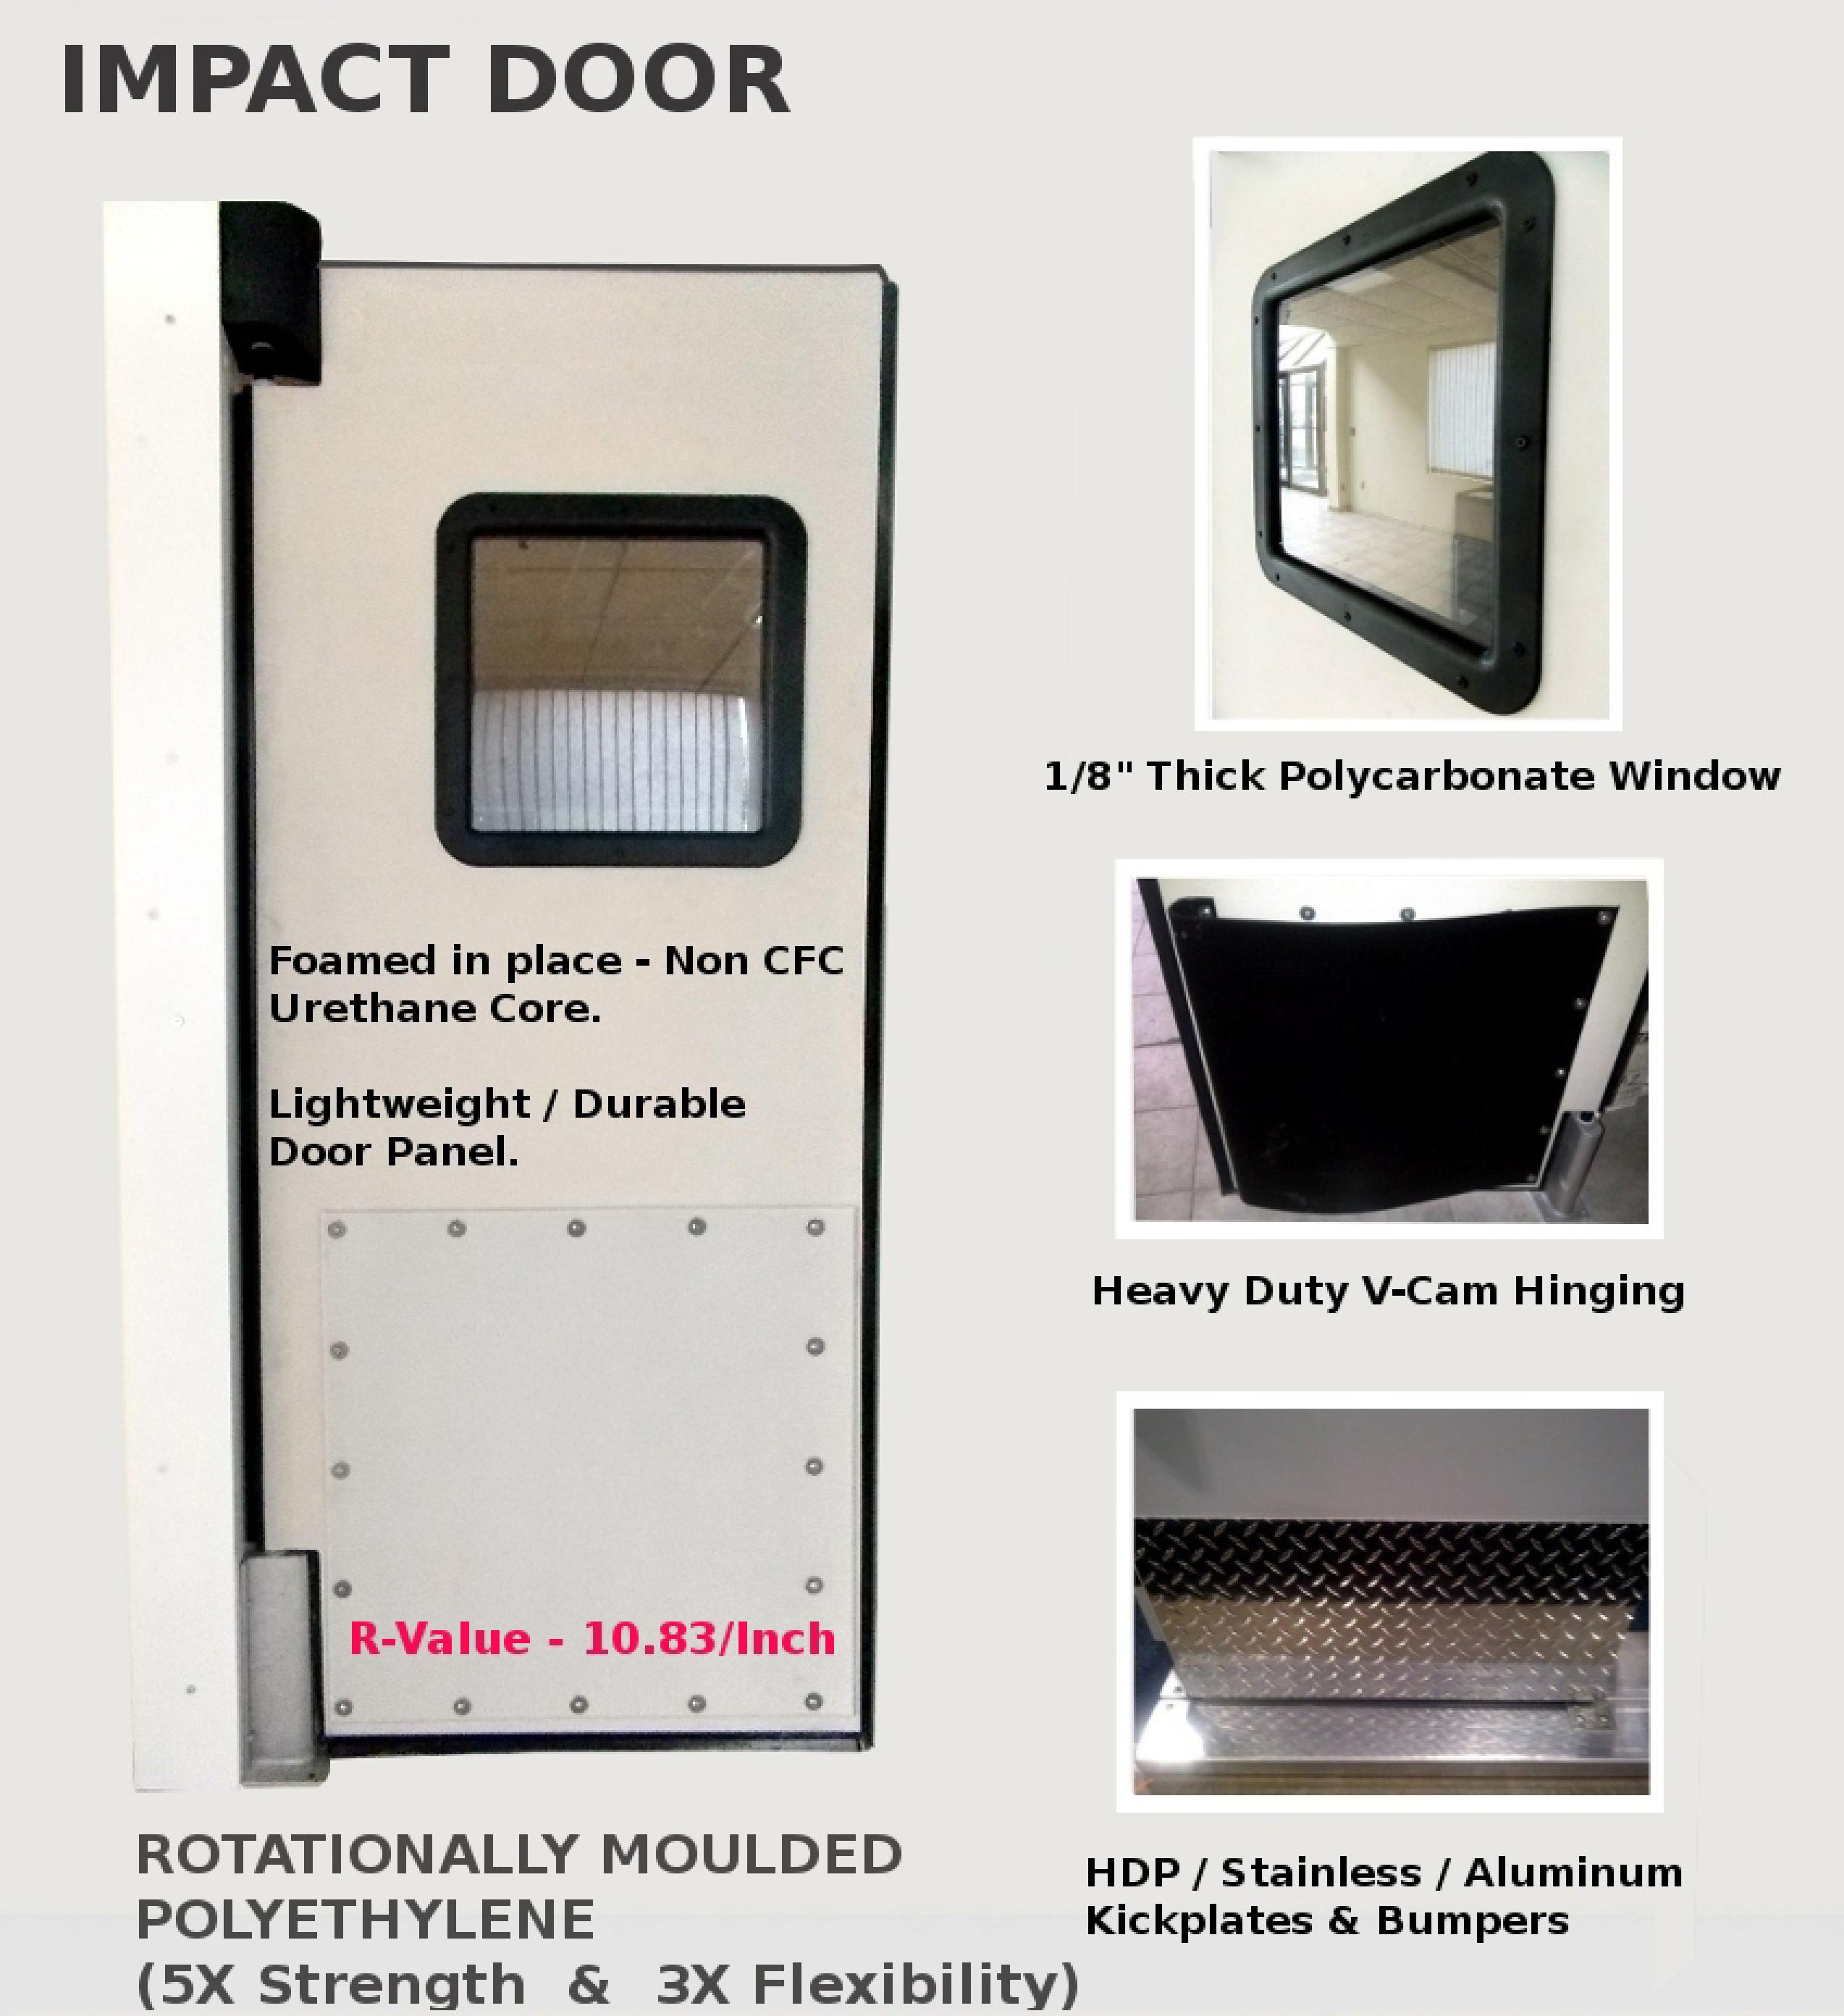 IMPACT-DOOR-2